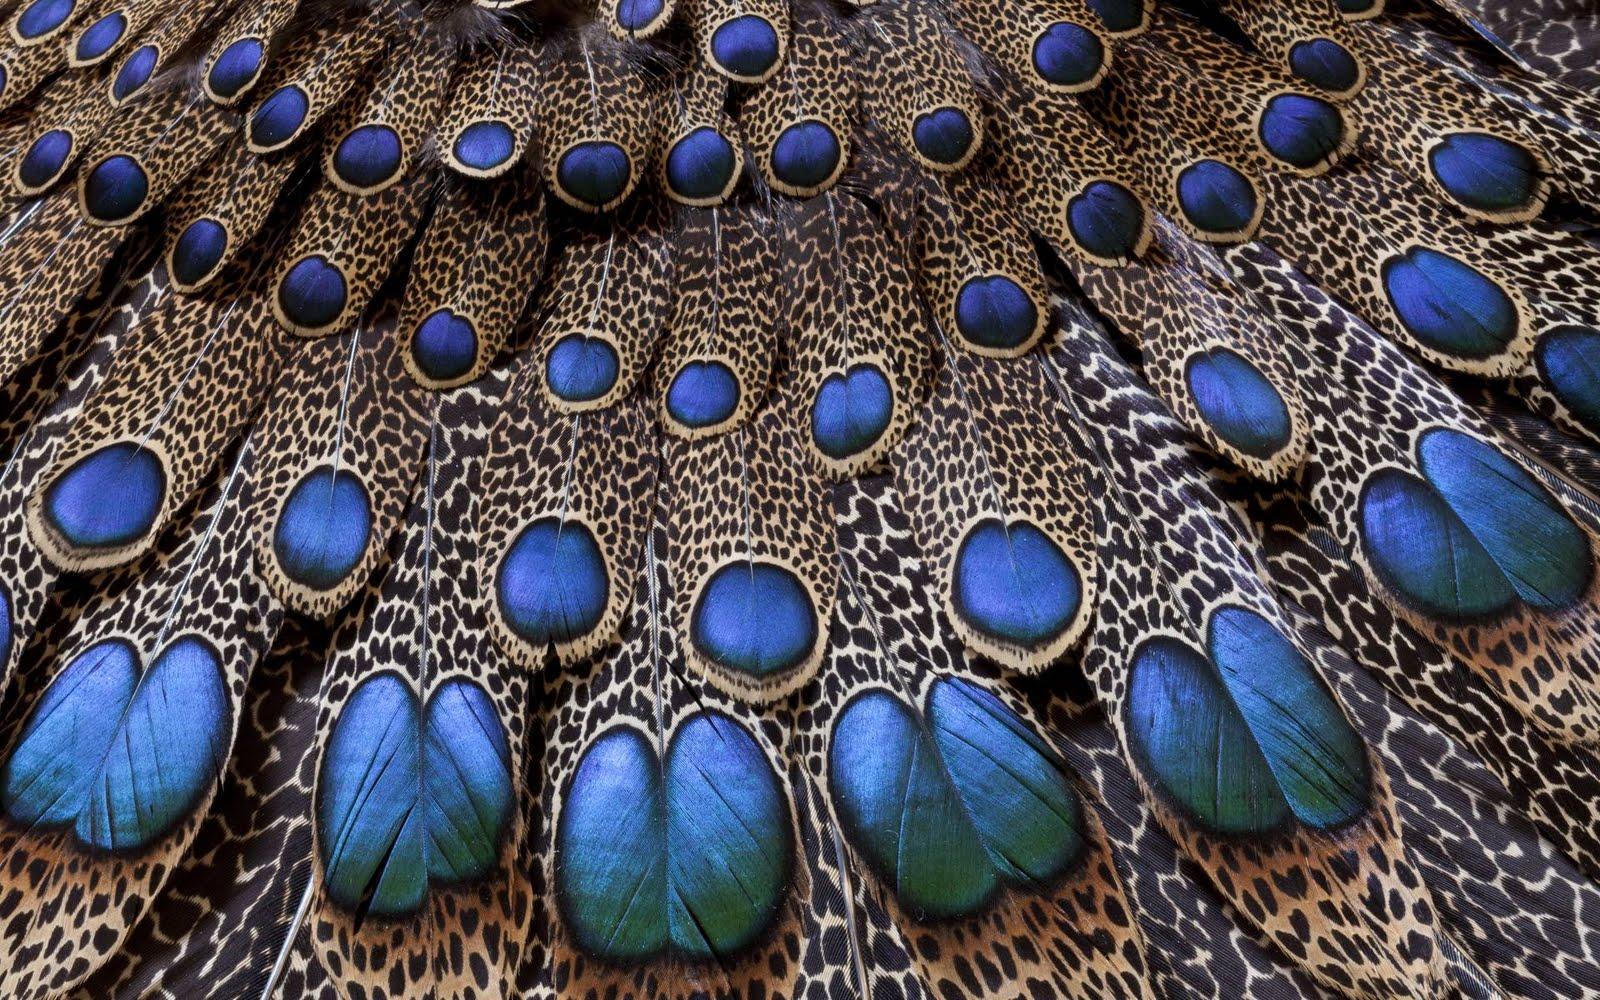 gambar burung merak @ Digaleri.com